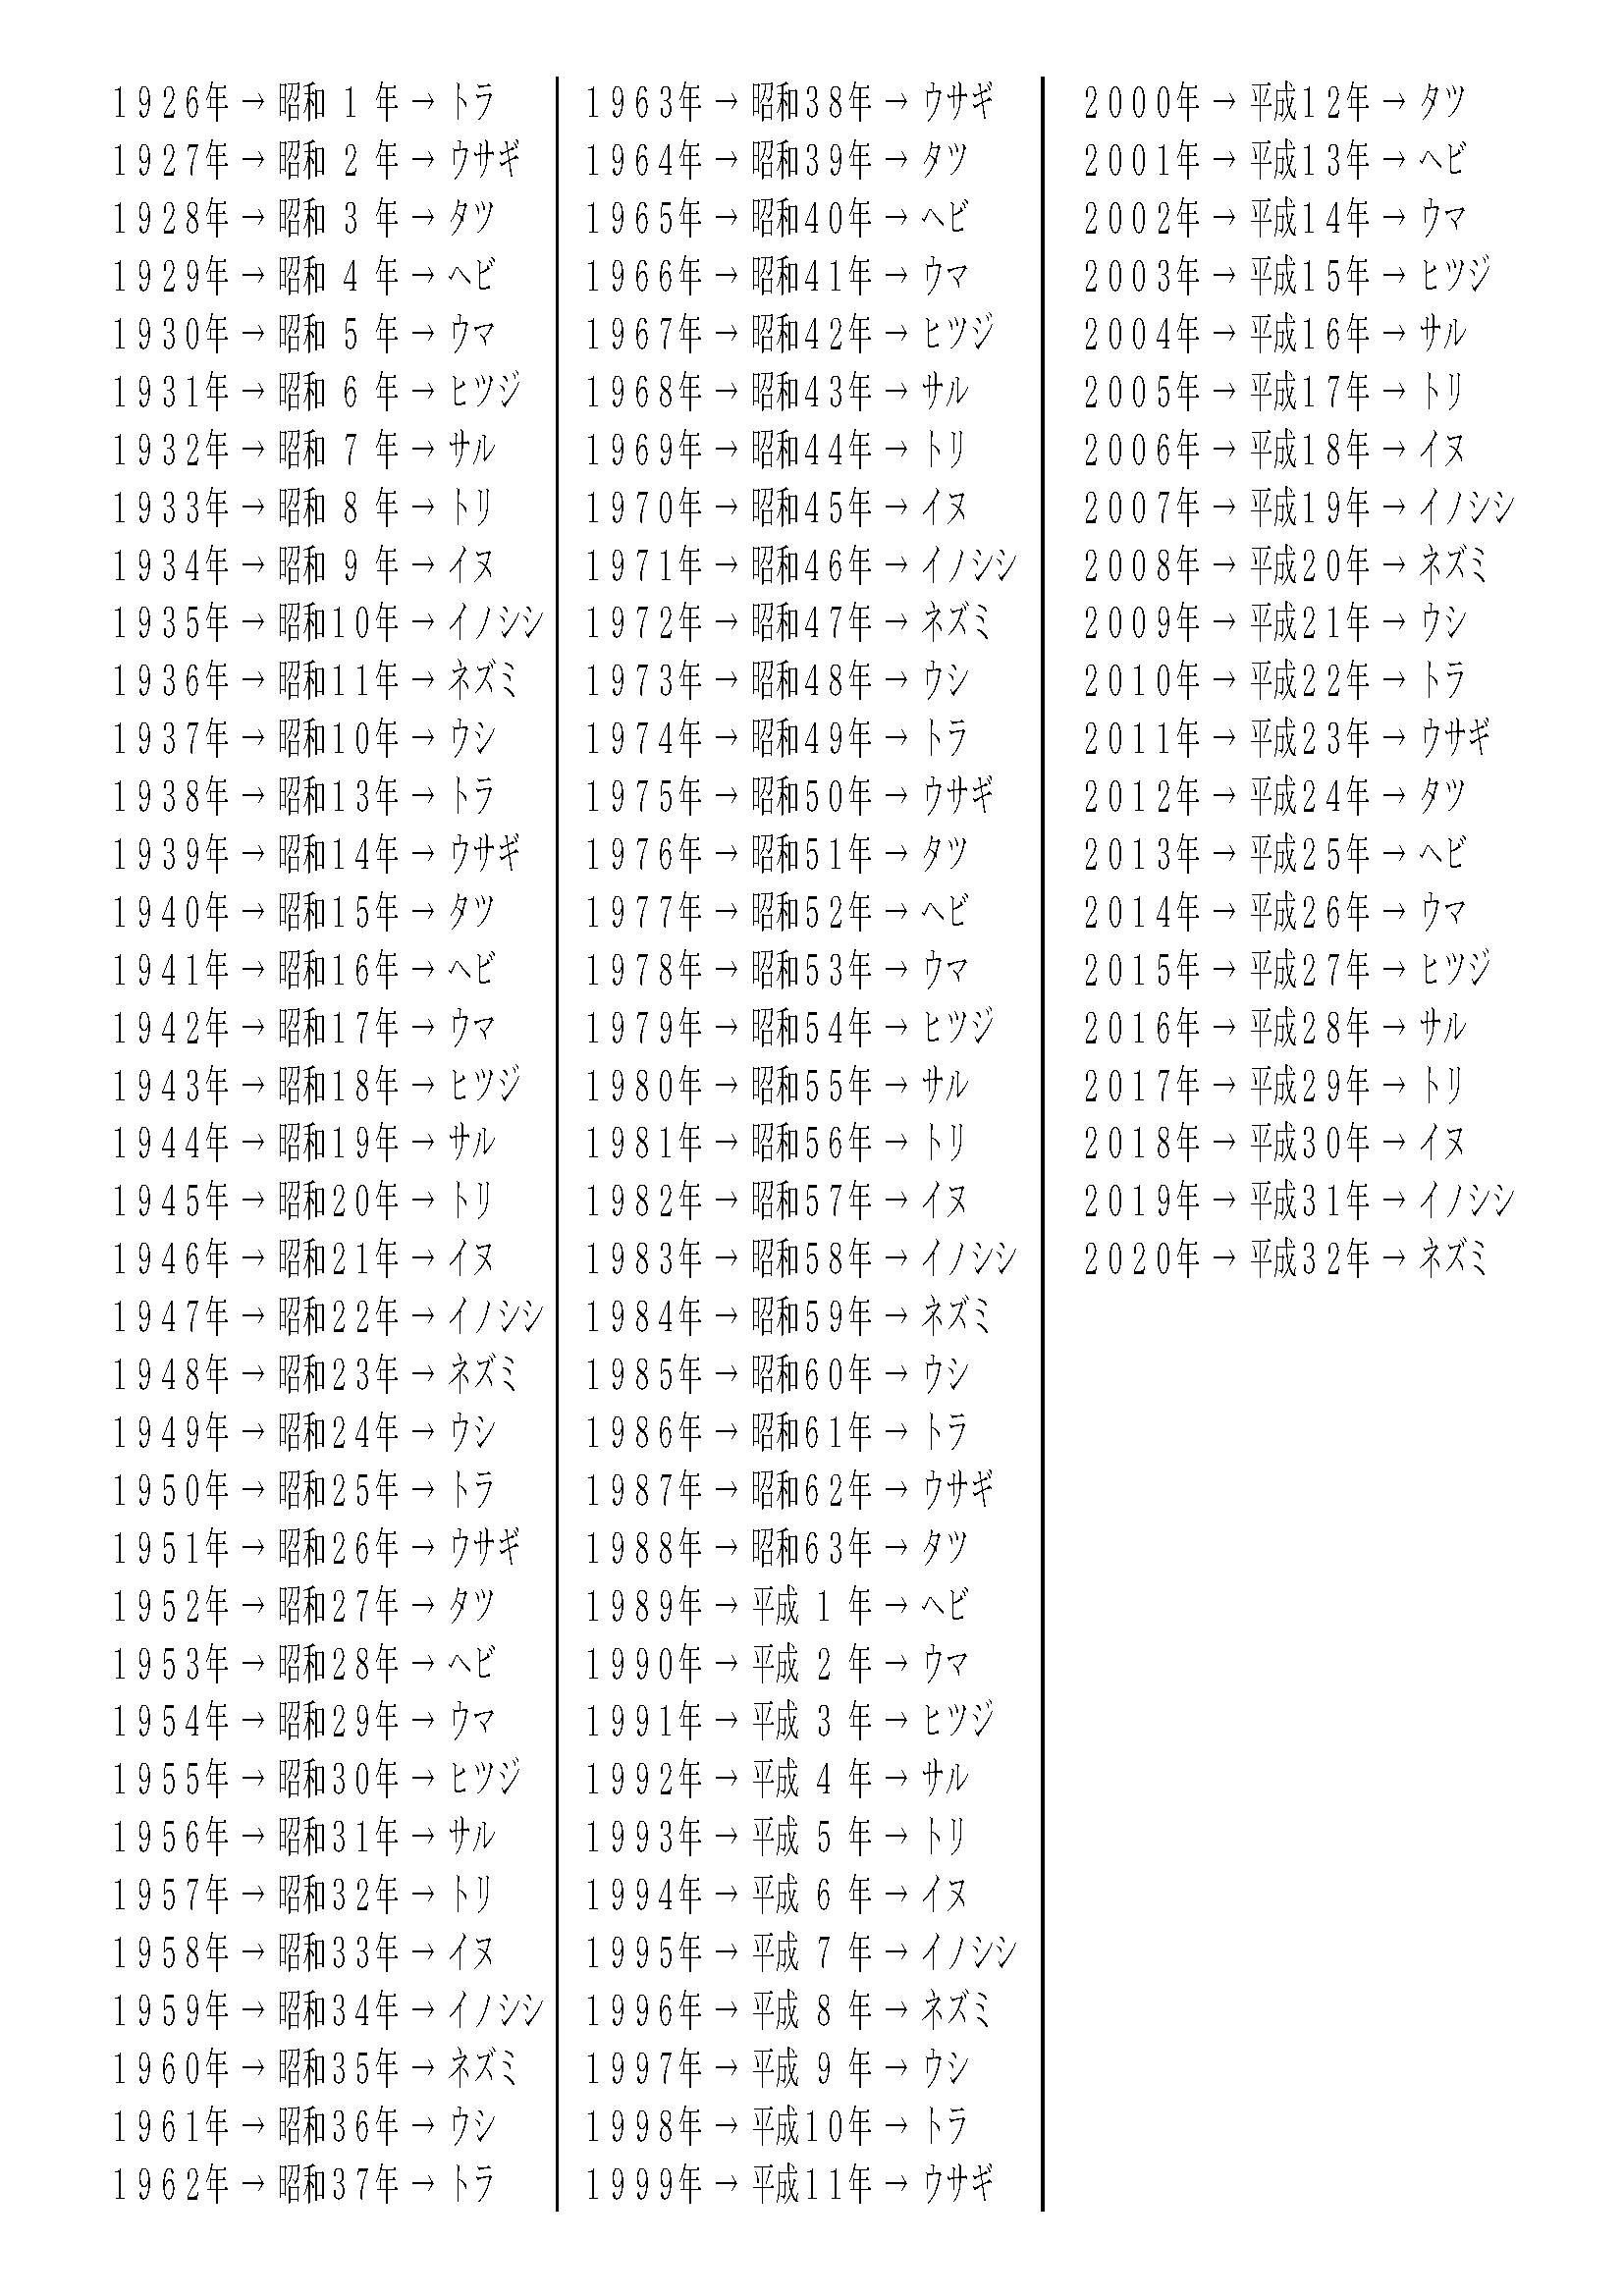 免許証の番号(A4)2